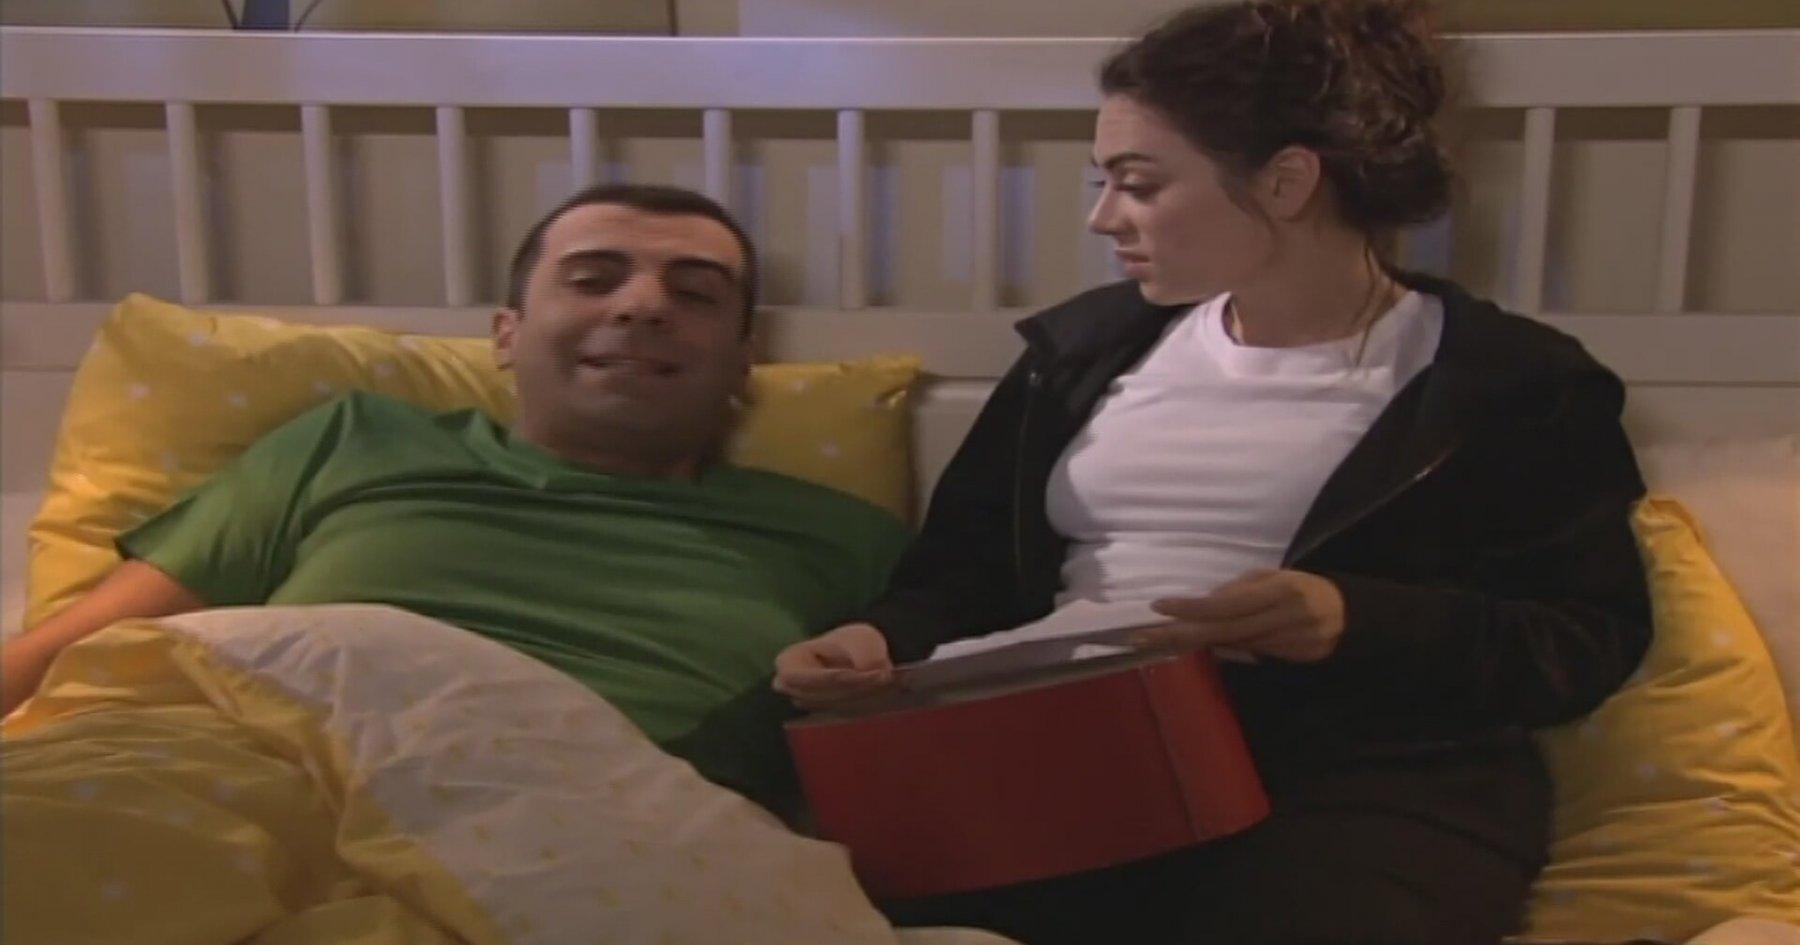 ... bir şey için romantikleşiyor (162. Bölüm) | İzlesene.com Video